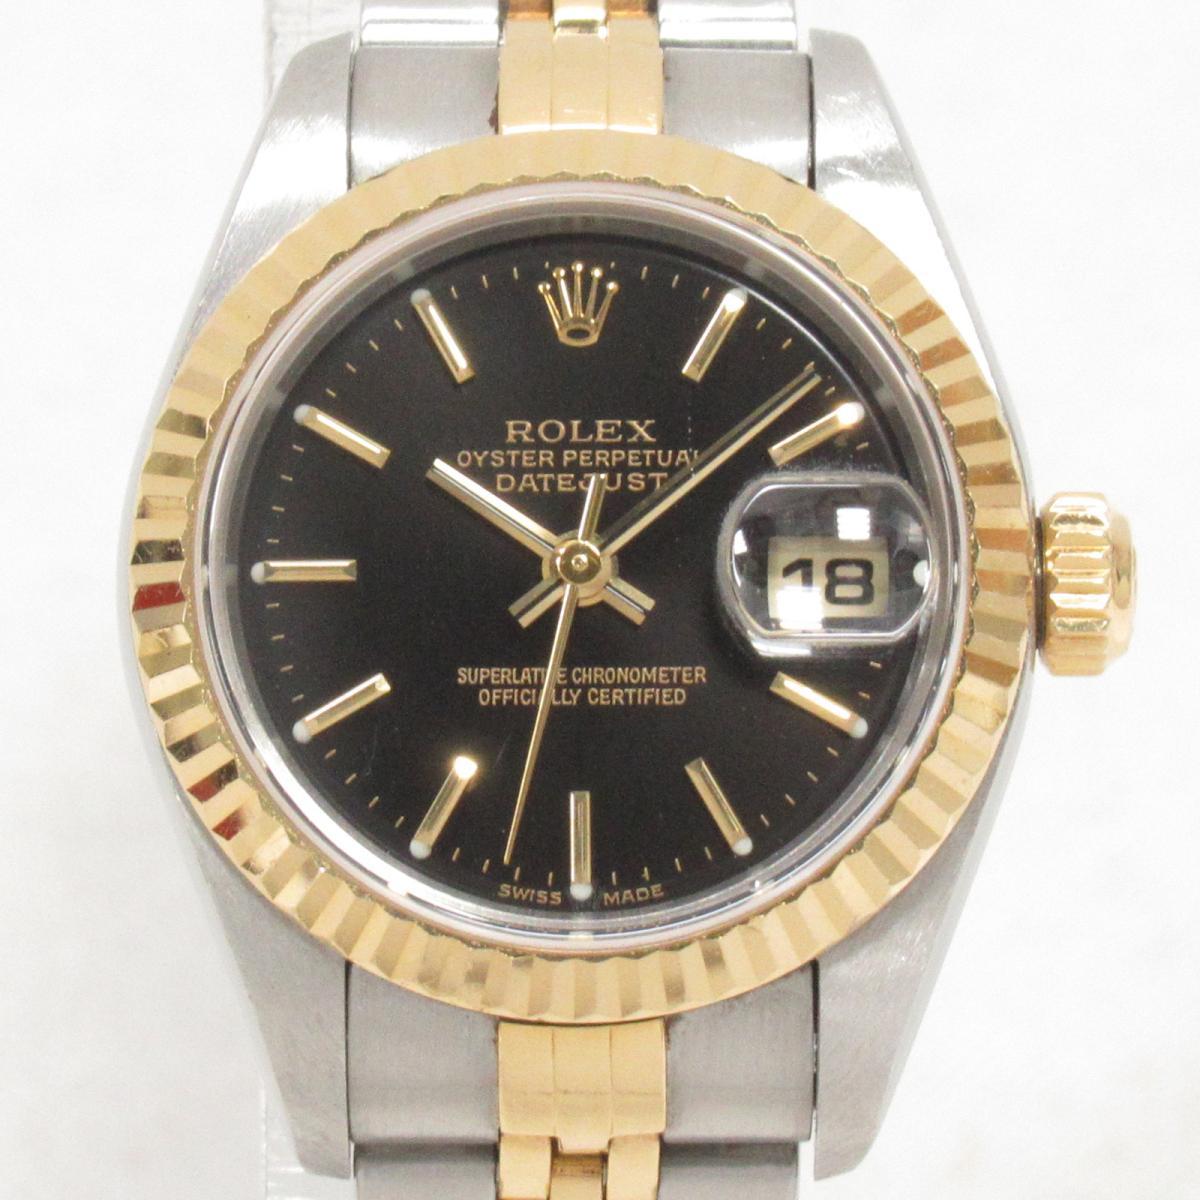 【中古】ロレックス デイトジャスト 腕時計 ウォッチ 時計 レディース ステンレススチール(SS)xK18YG(イエローゴールド) (79173)